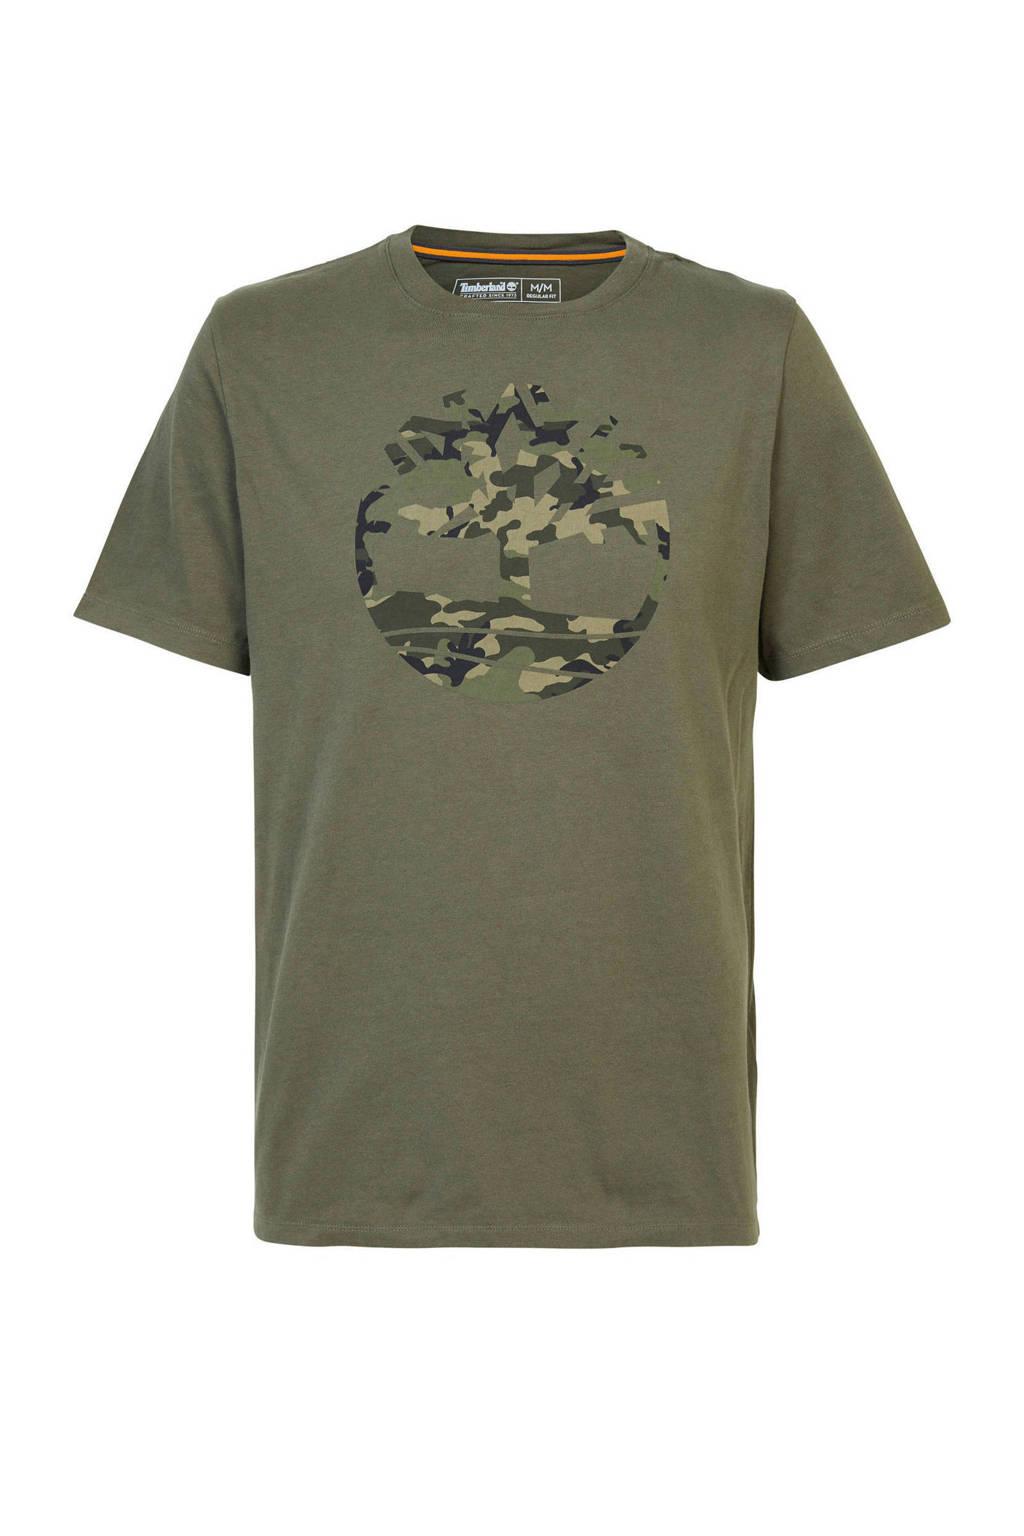 Timberland Timberland T-shirt met logo groen, Donkergroen